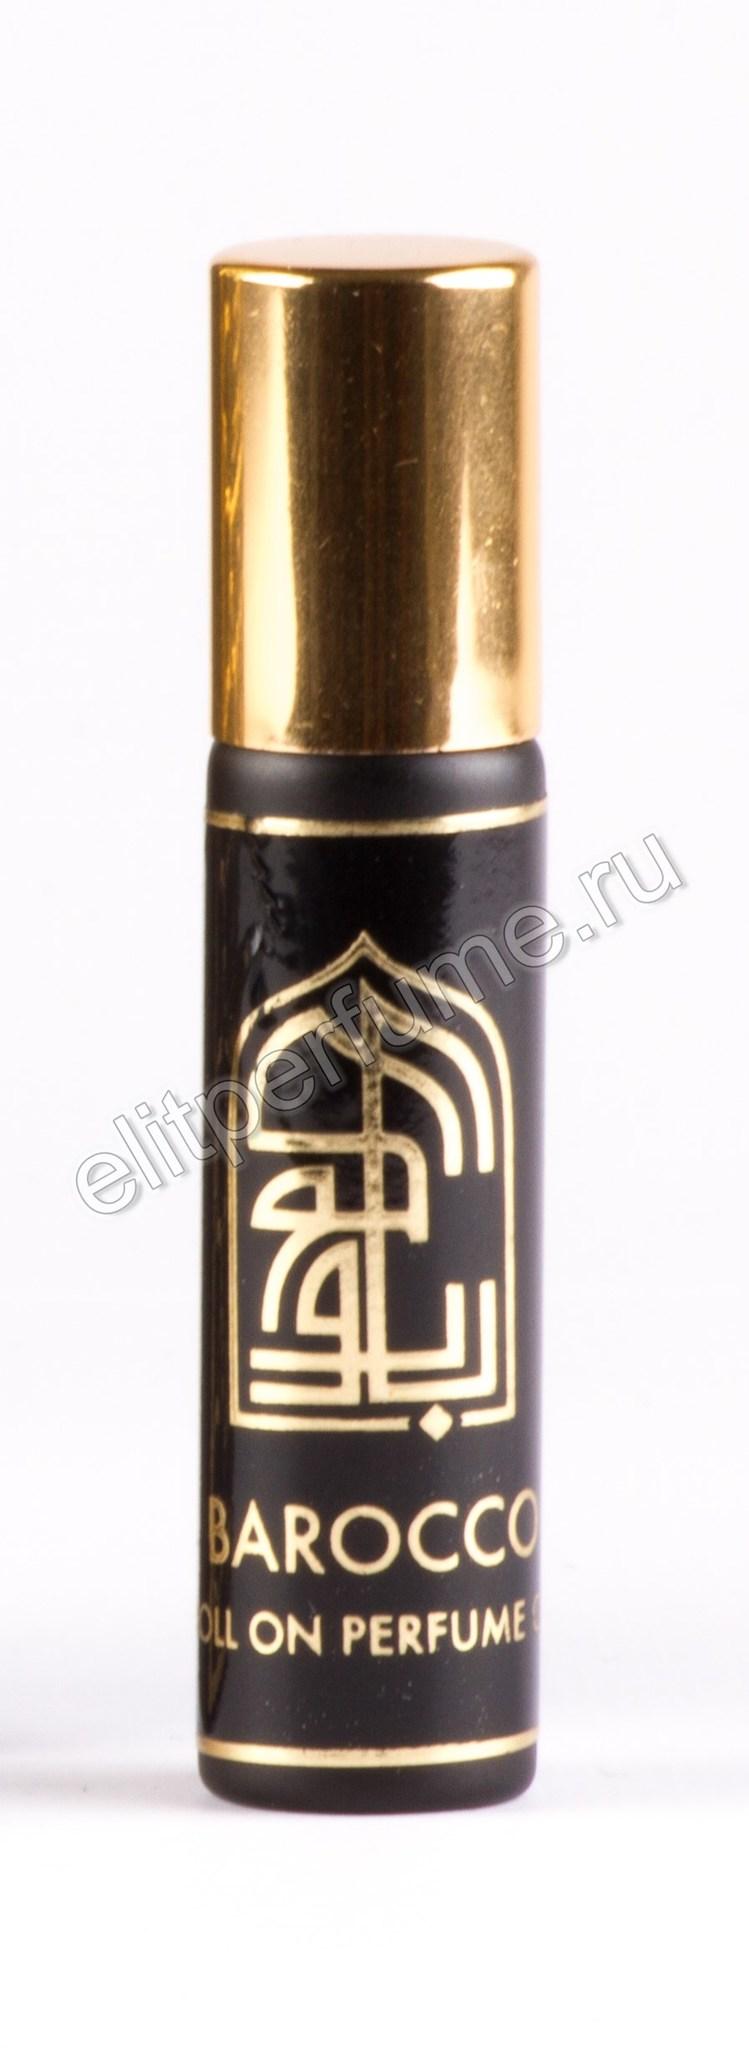 Барокко  Barocco 7 мл арабские масляные духи от Арабеск Парфюм Arabesque Perfumes